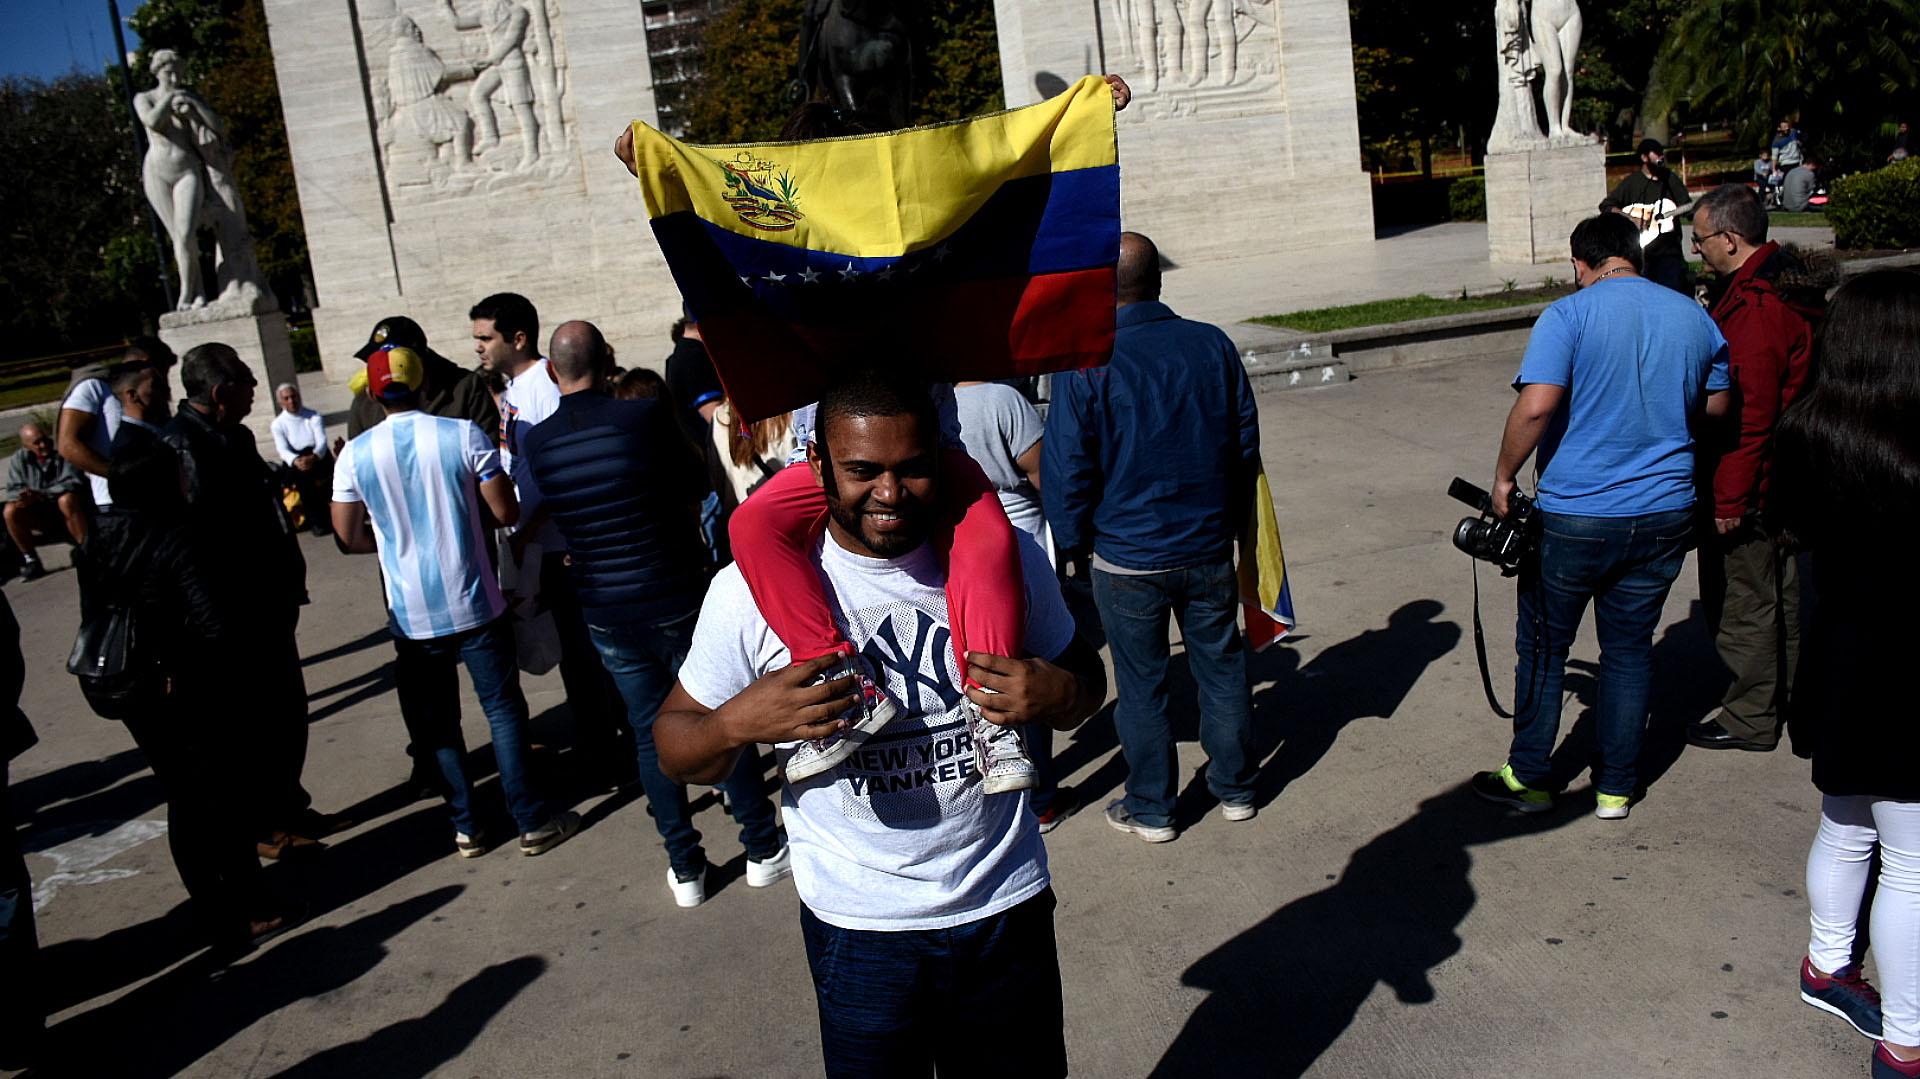 Miles de venezolanos llegaron a la Argentina huyendo de la crisis económica, social y política con el régimen de Nicolás Maduro